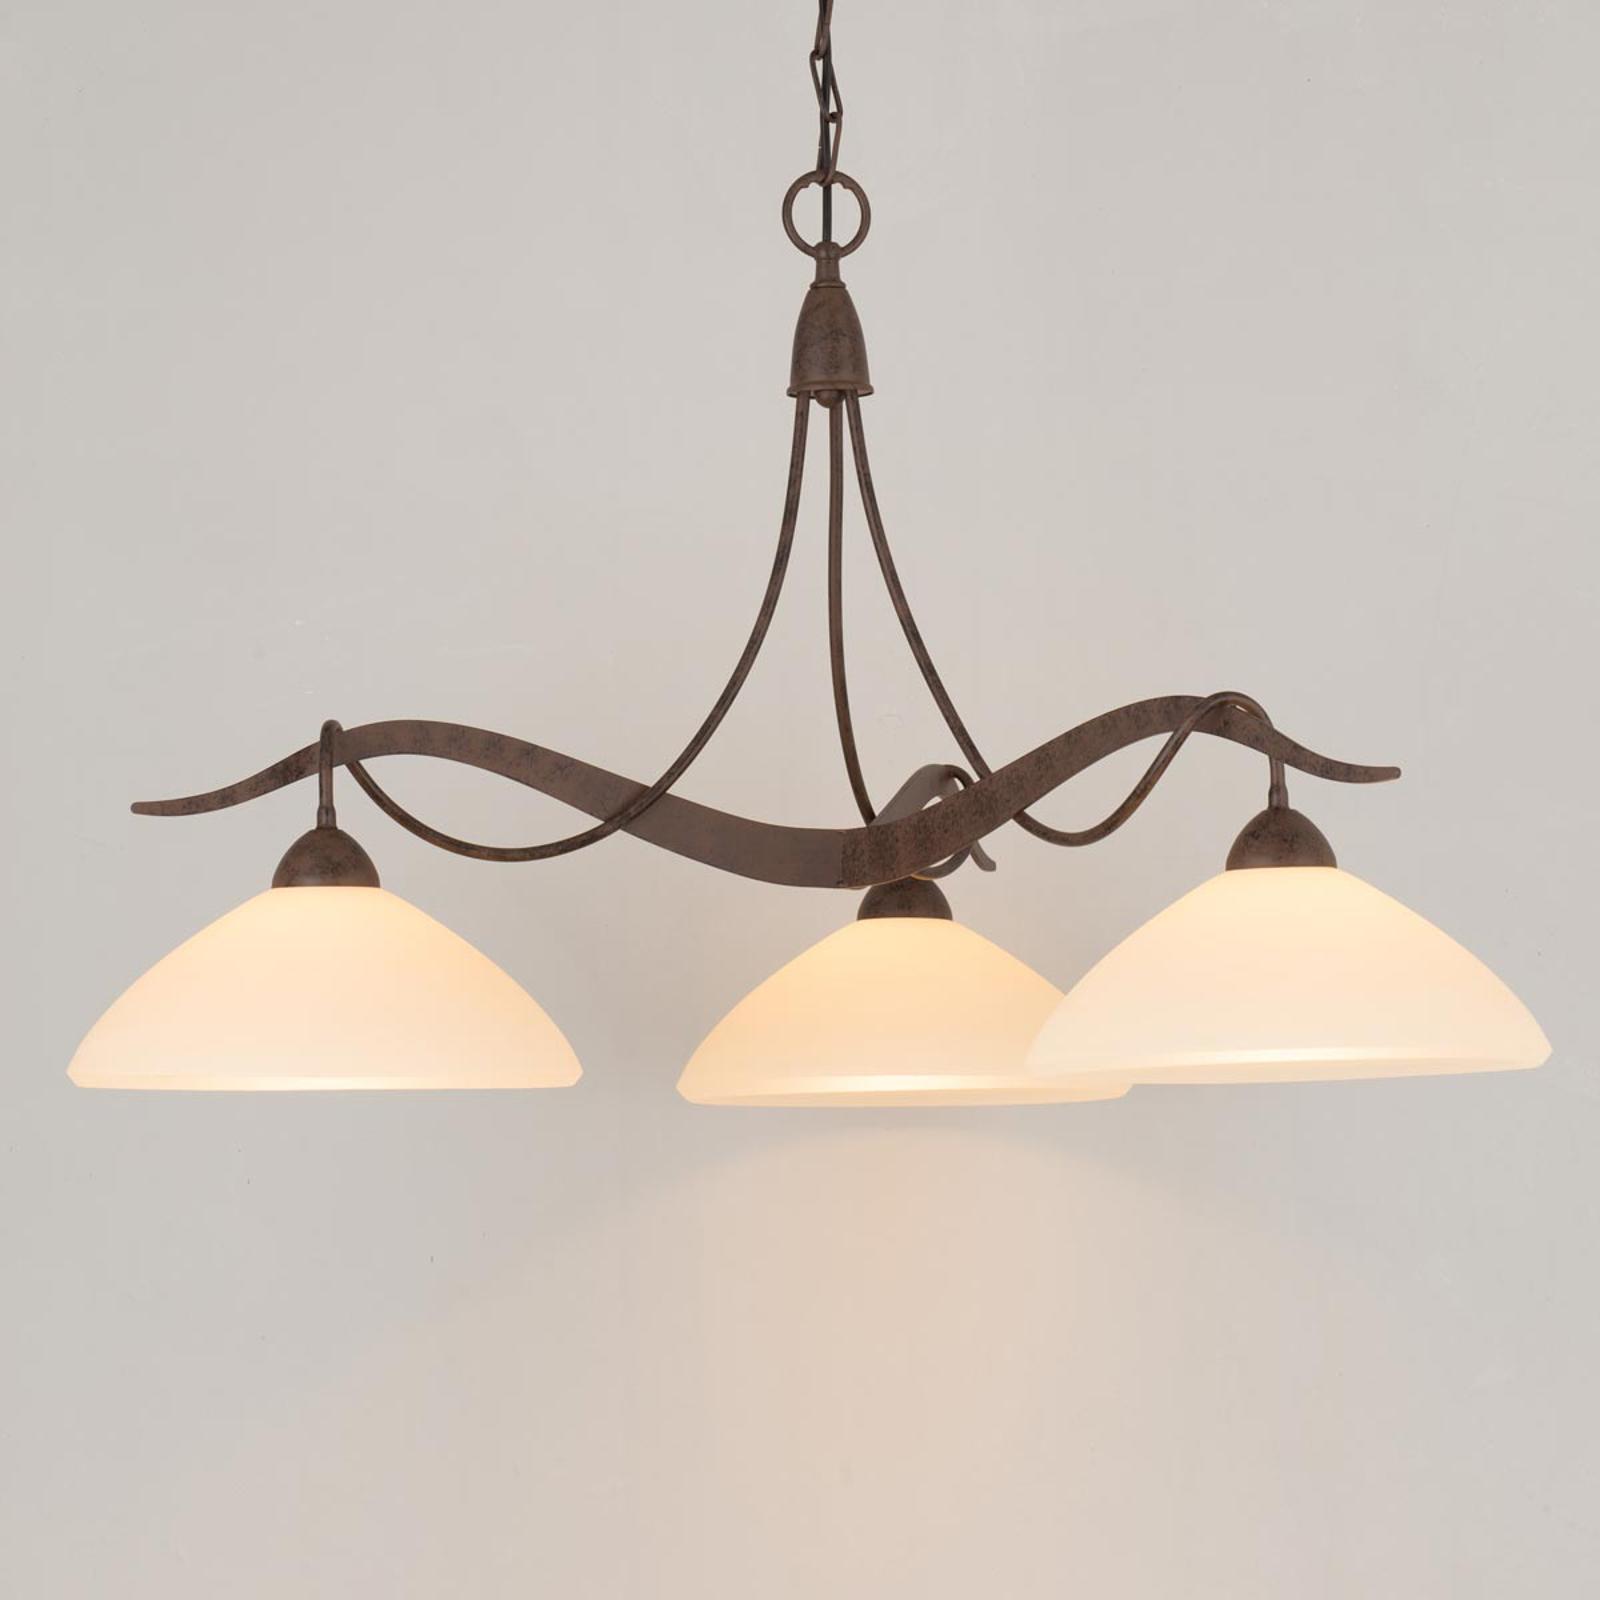 Hanglamp Samuele met 3 lampjes landhuisstijl